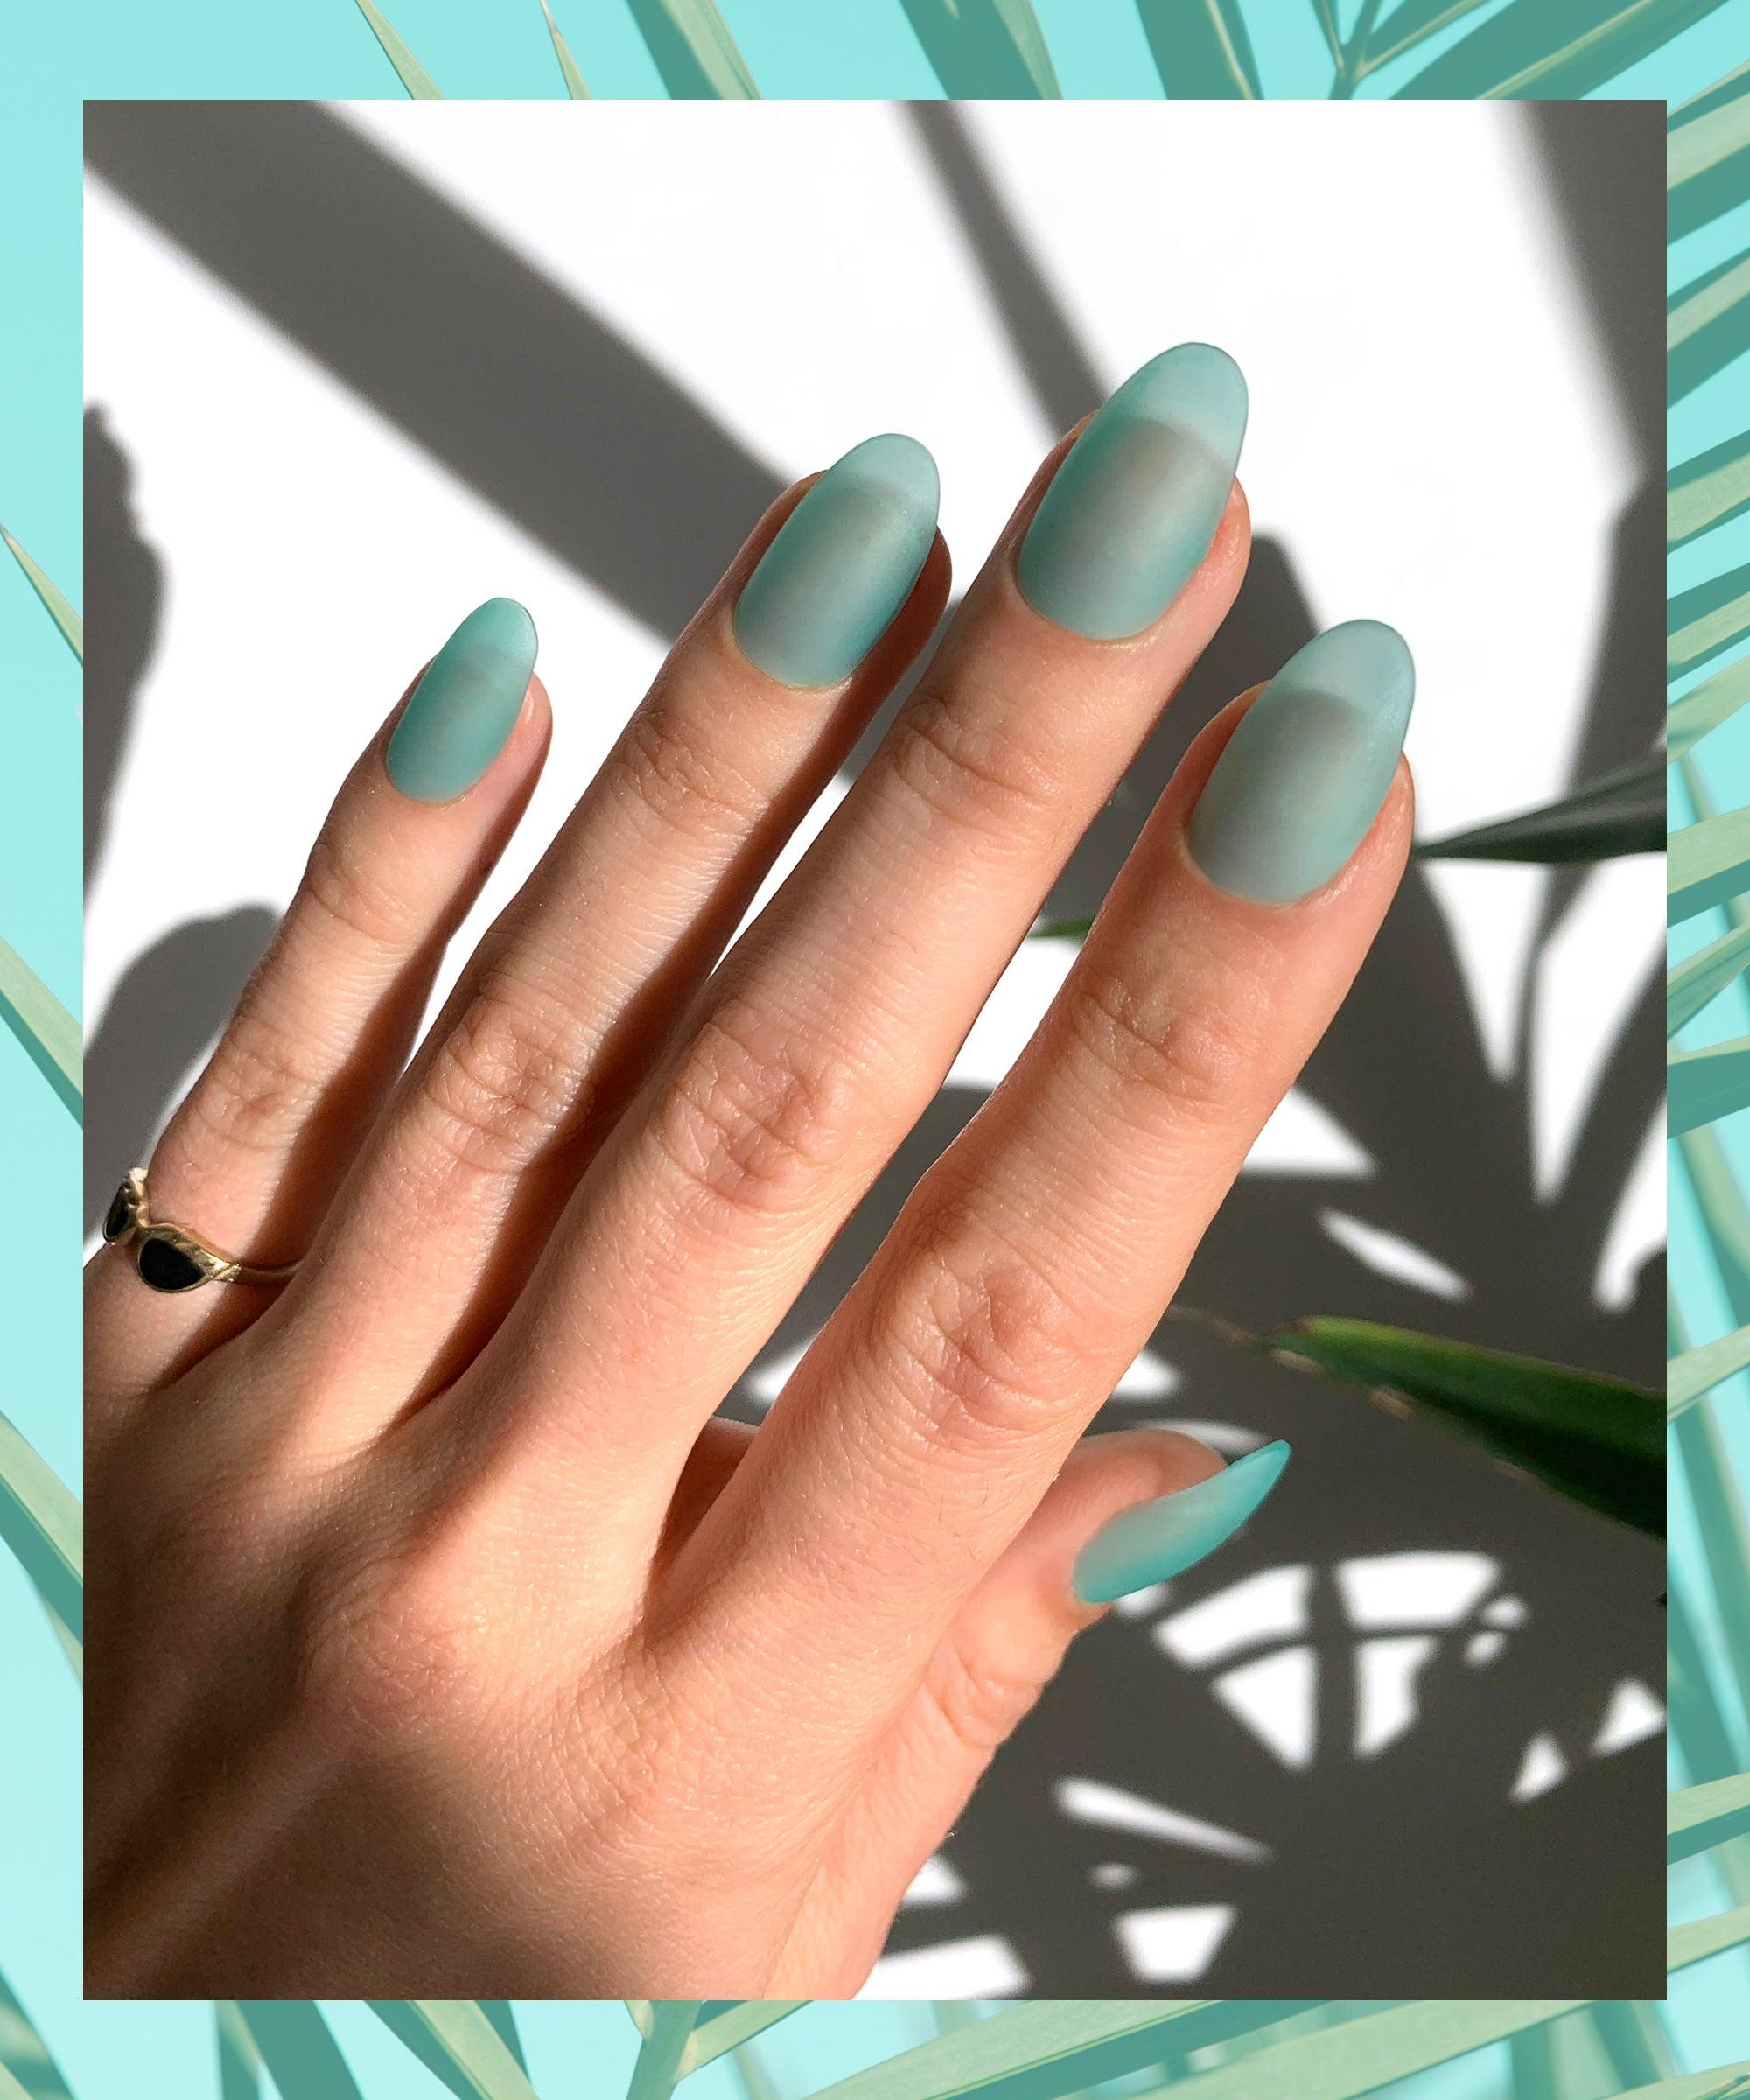 Seaglass Nails sind die neuen Jelly Nails & so sehen sie aus